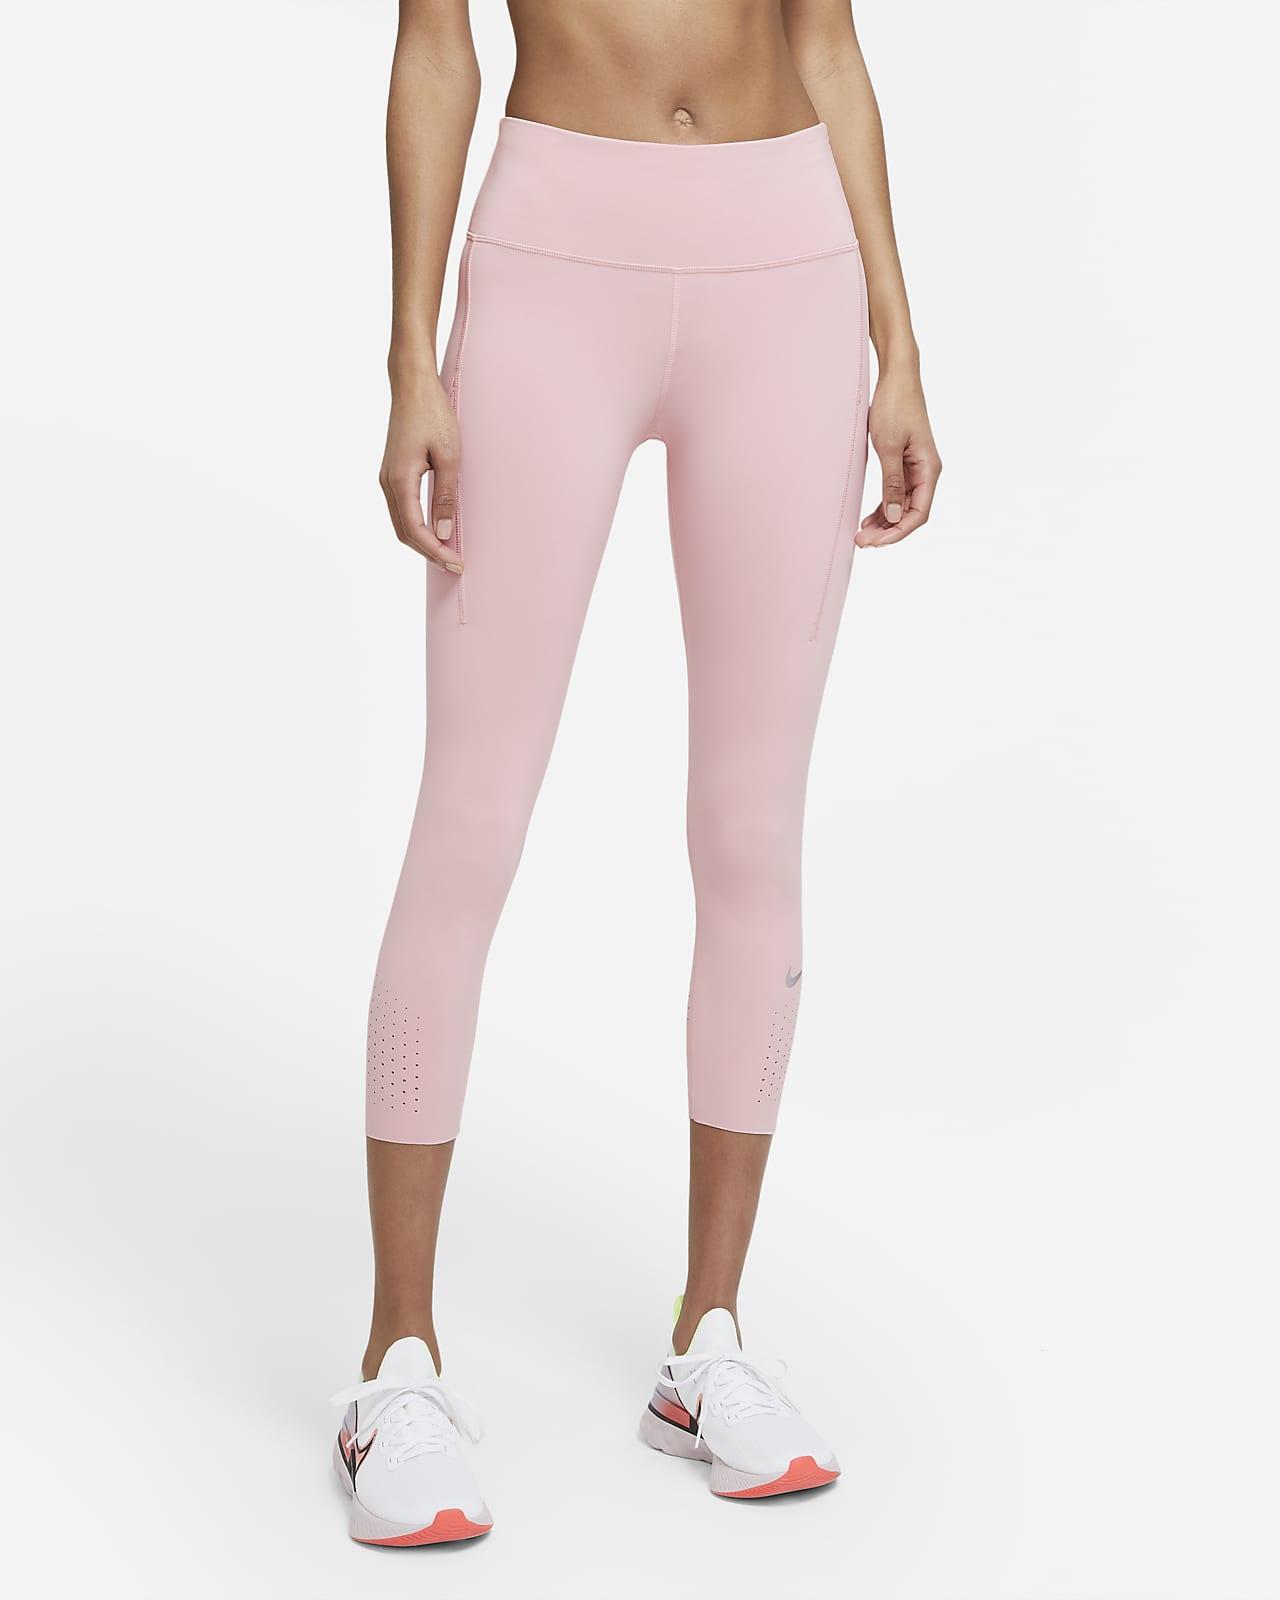 Nike Epic Luxe kort løpeleggings med lommer og mellomhøyt liv til dame